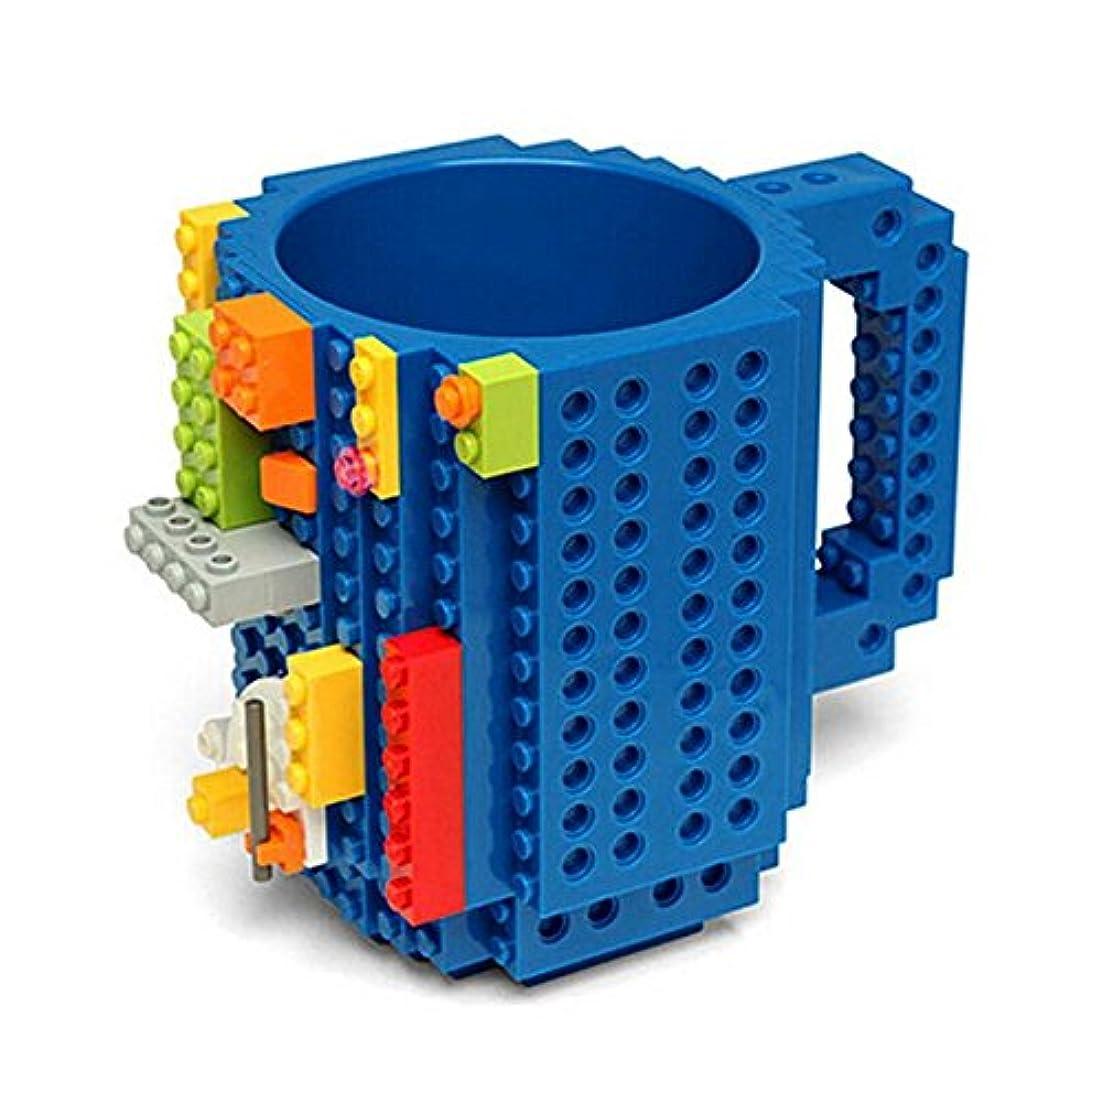 ダム真珠のような崩壊Maxcrestas - 350ML DIY?ビルディング?ブロックのカップレンガコーヒーティーカップ凍った水のドリンクカップDIYブロックパズルシッククリエイティブホームDrinkwares